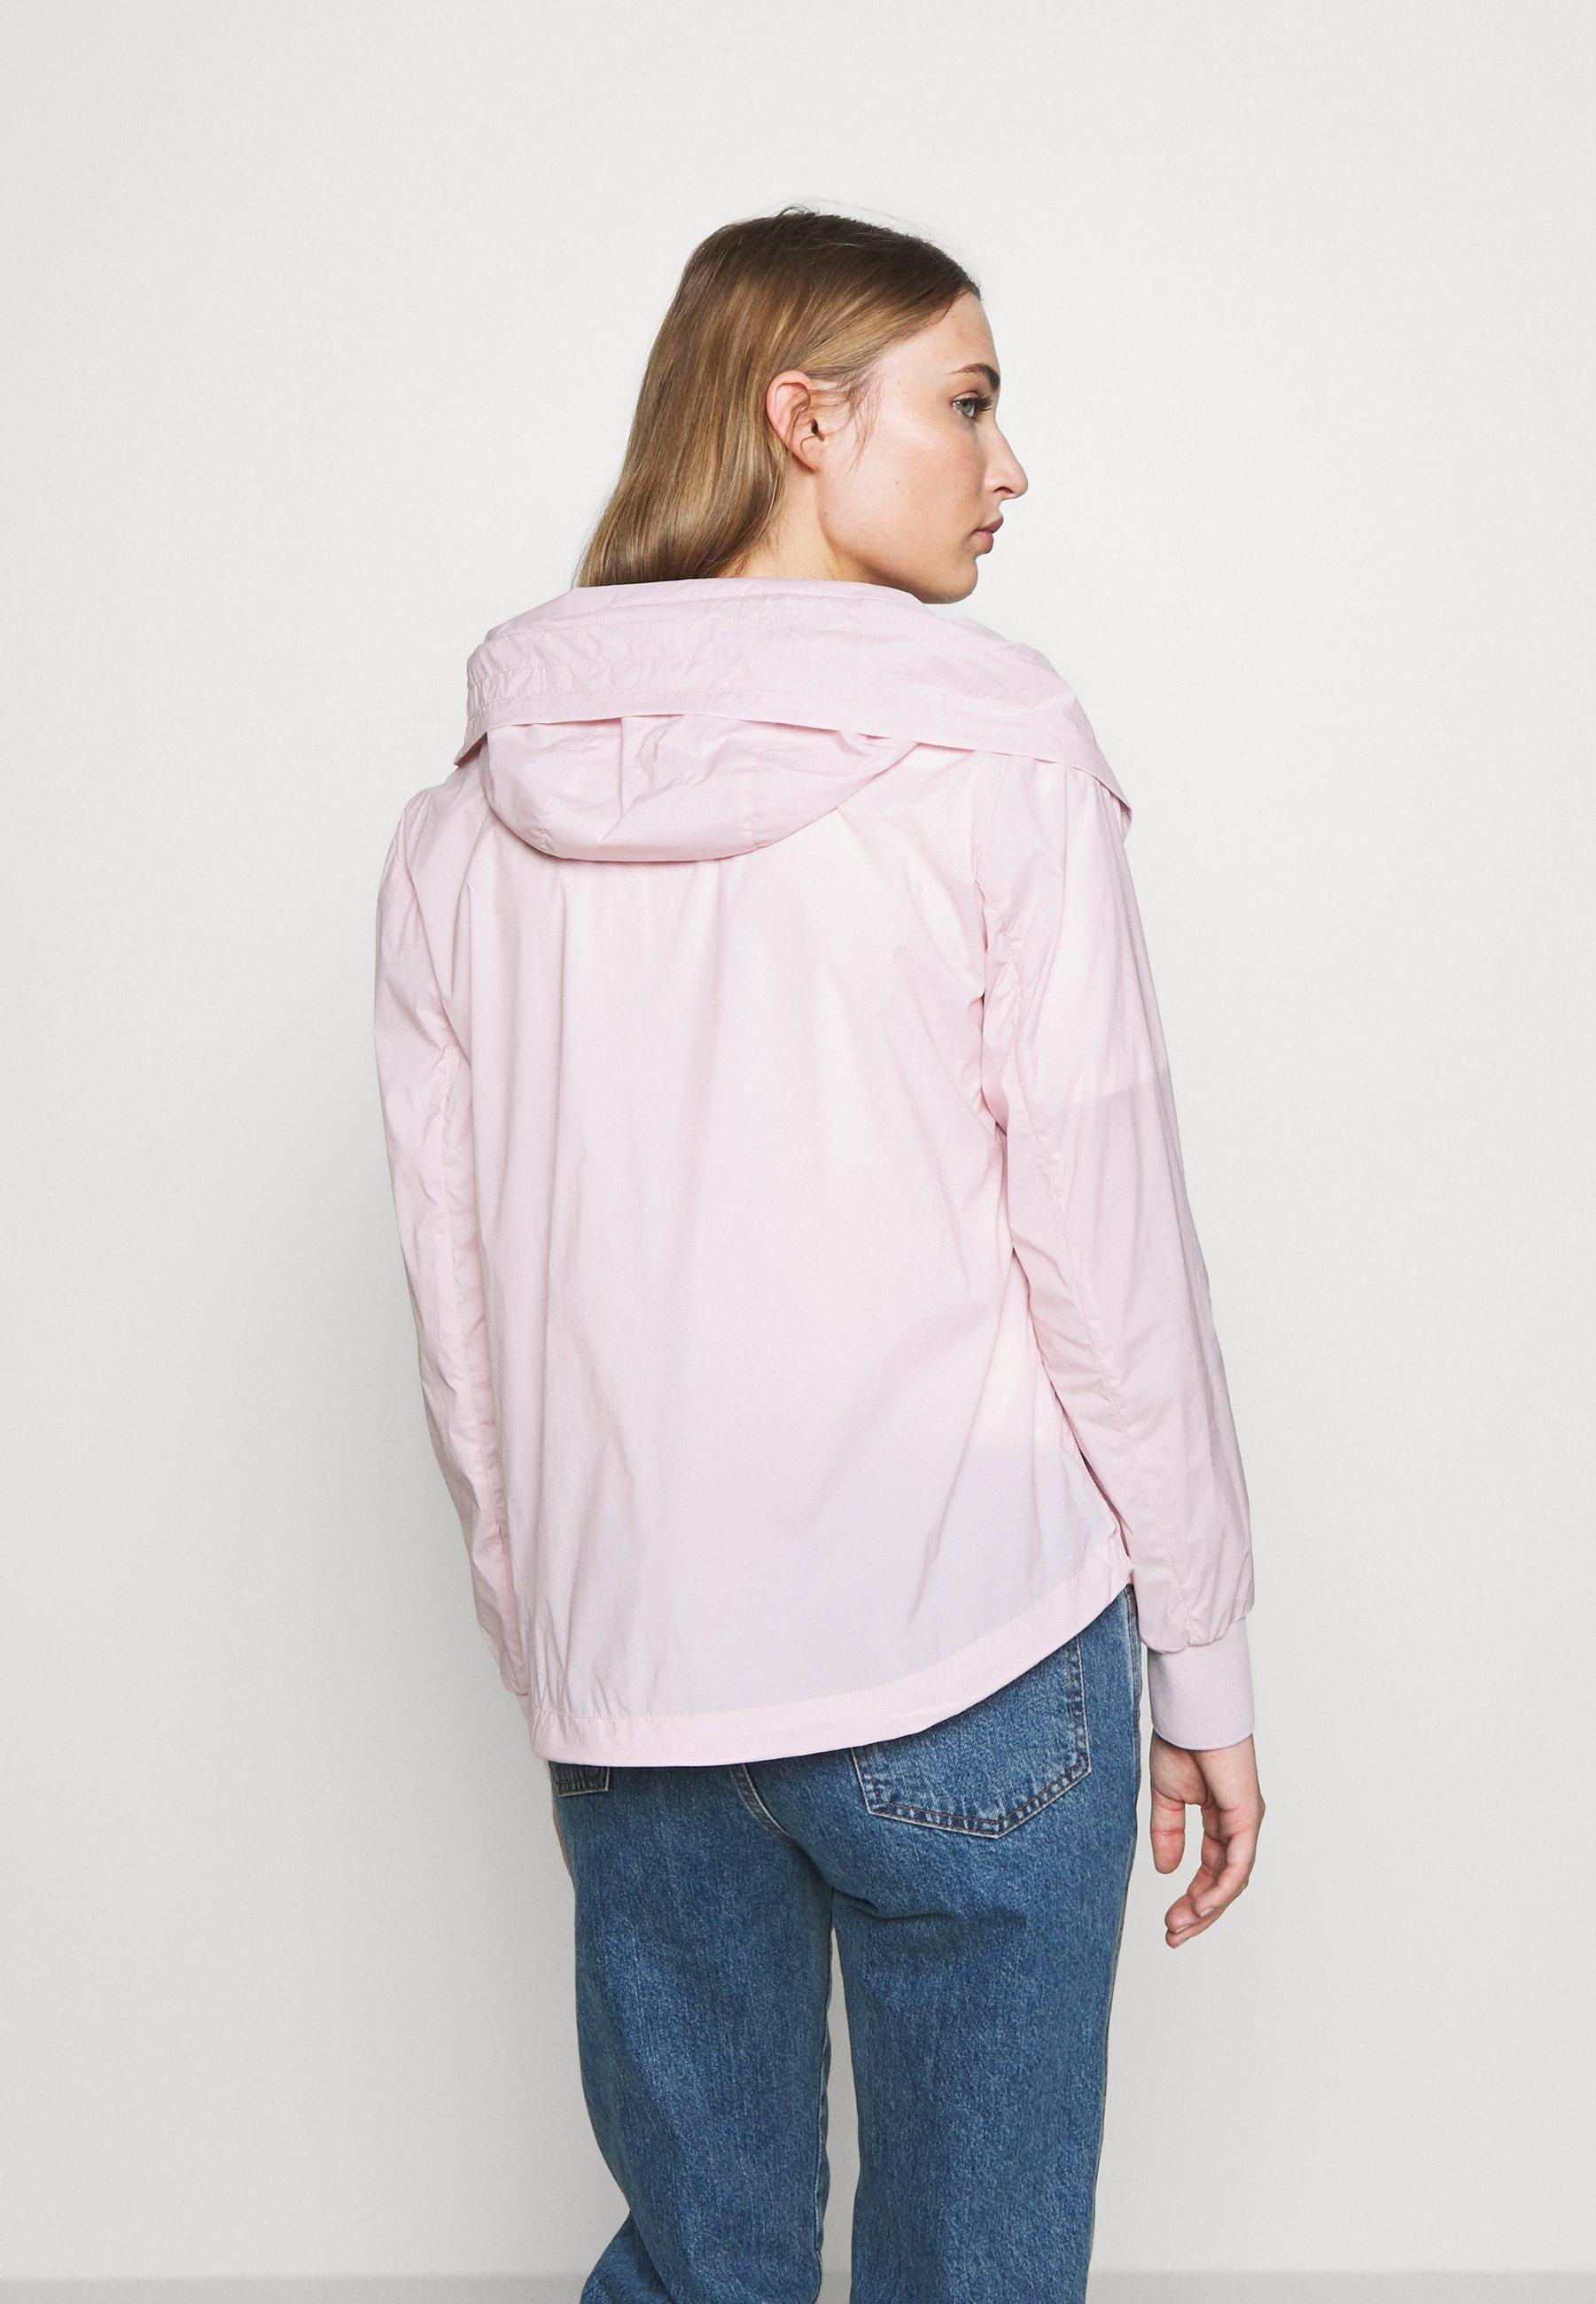 Blauer GIUBBINI CORTI - Giacca leggera - rosa pastello